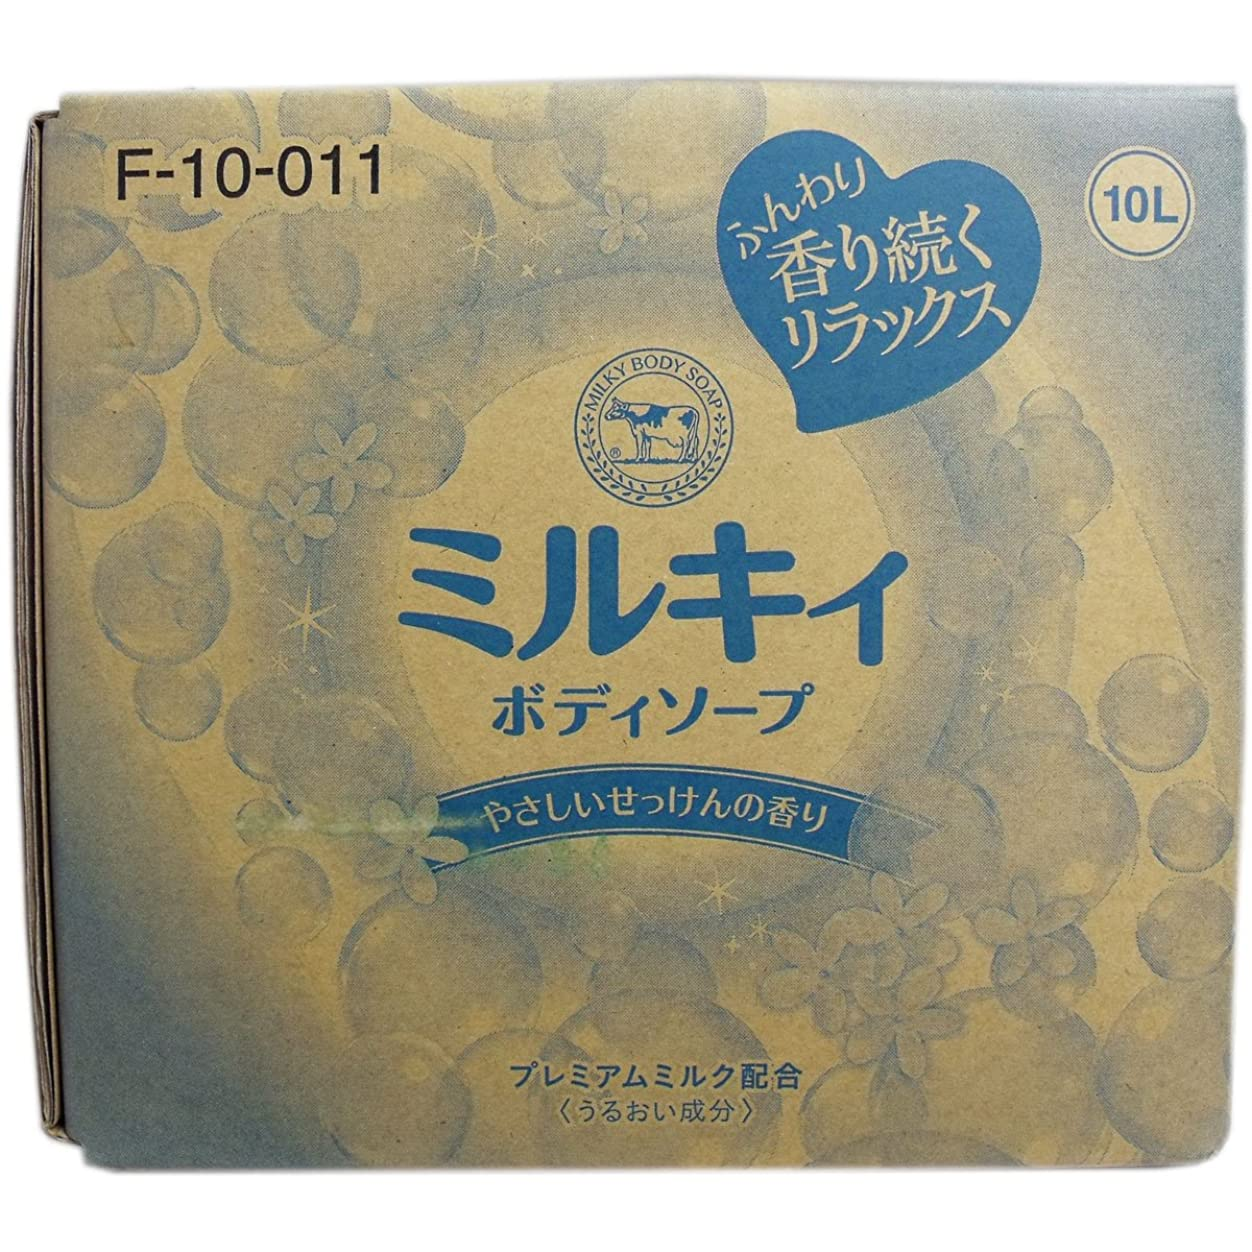 プレフィックス農学ドメインミルキィ ボディソープ やさしいせっけんの香り 業務用 10L